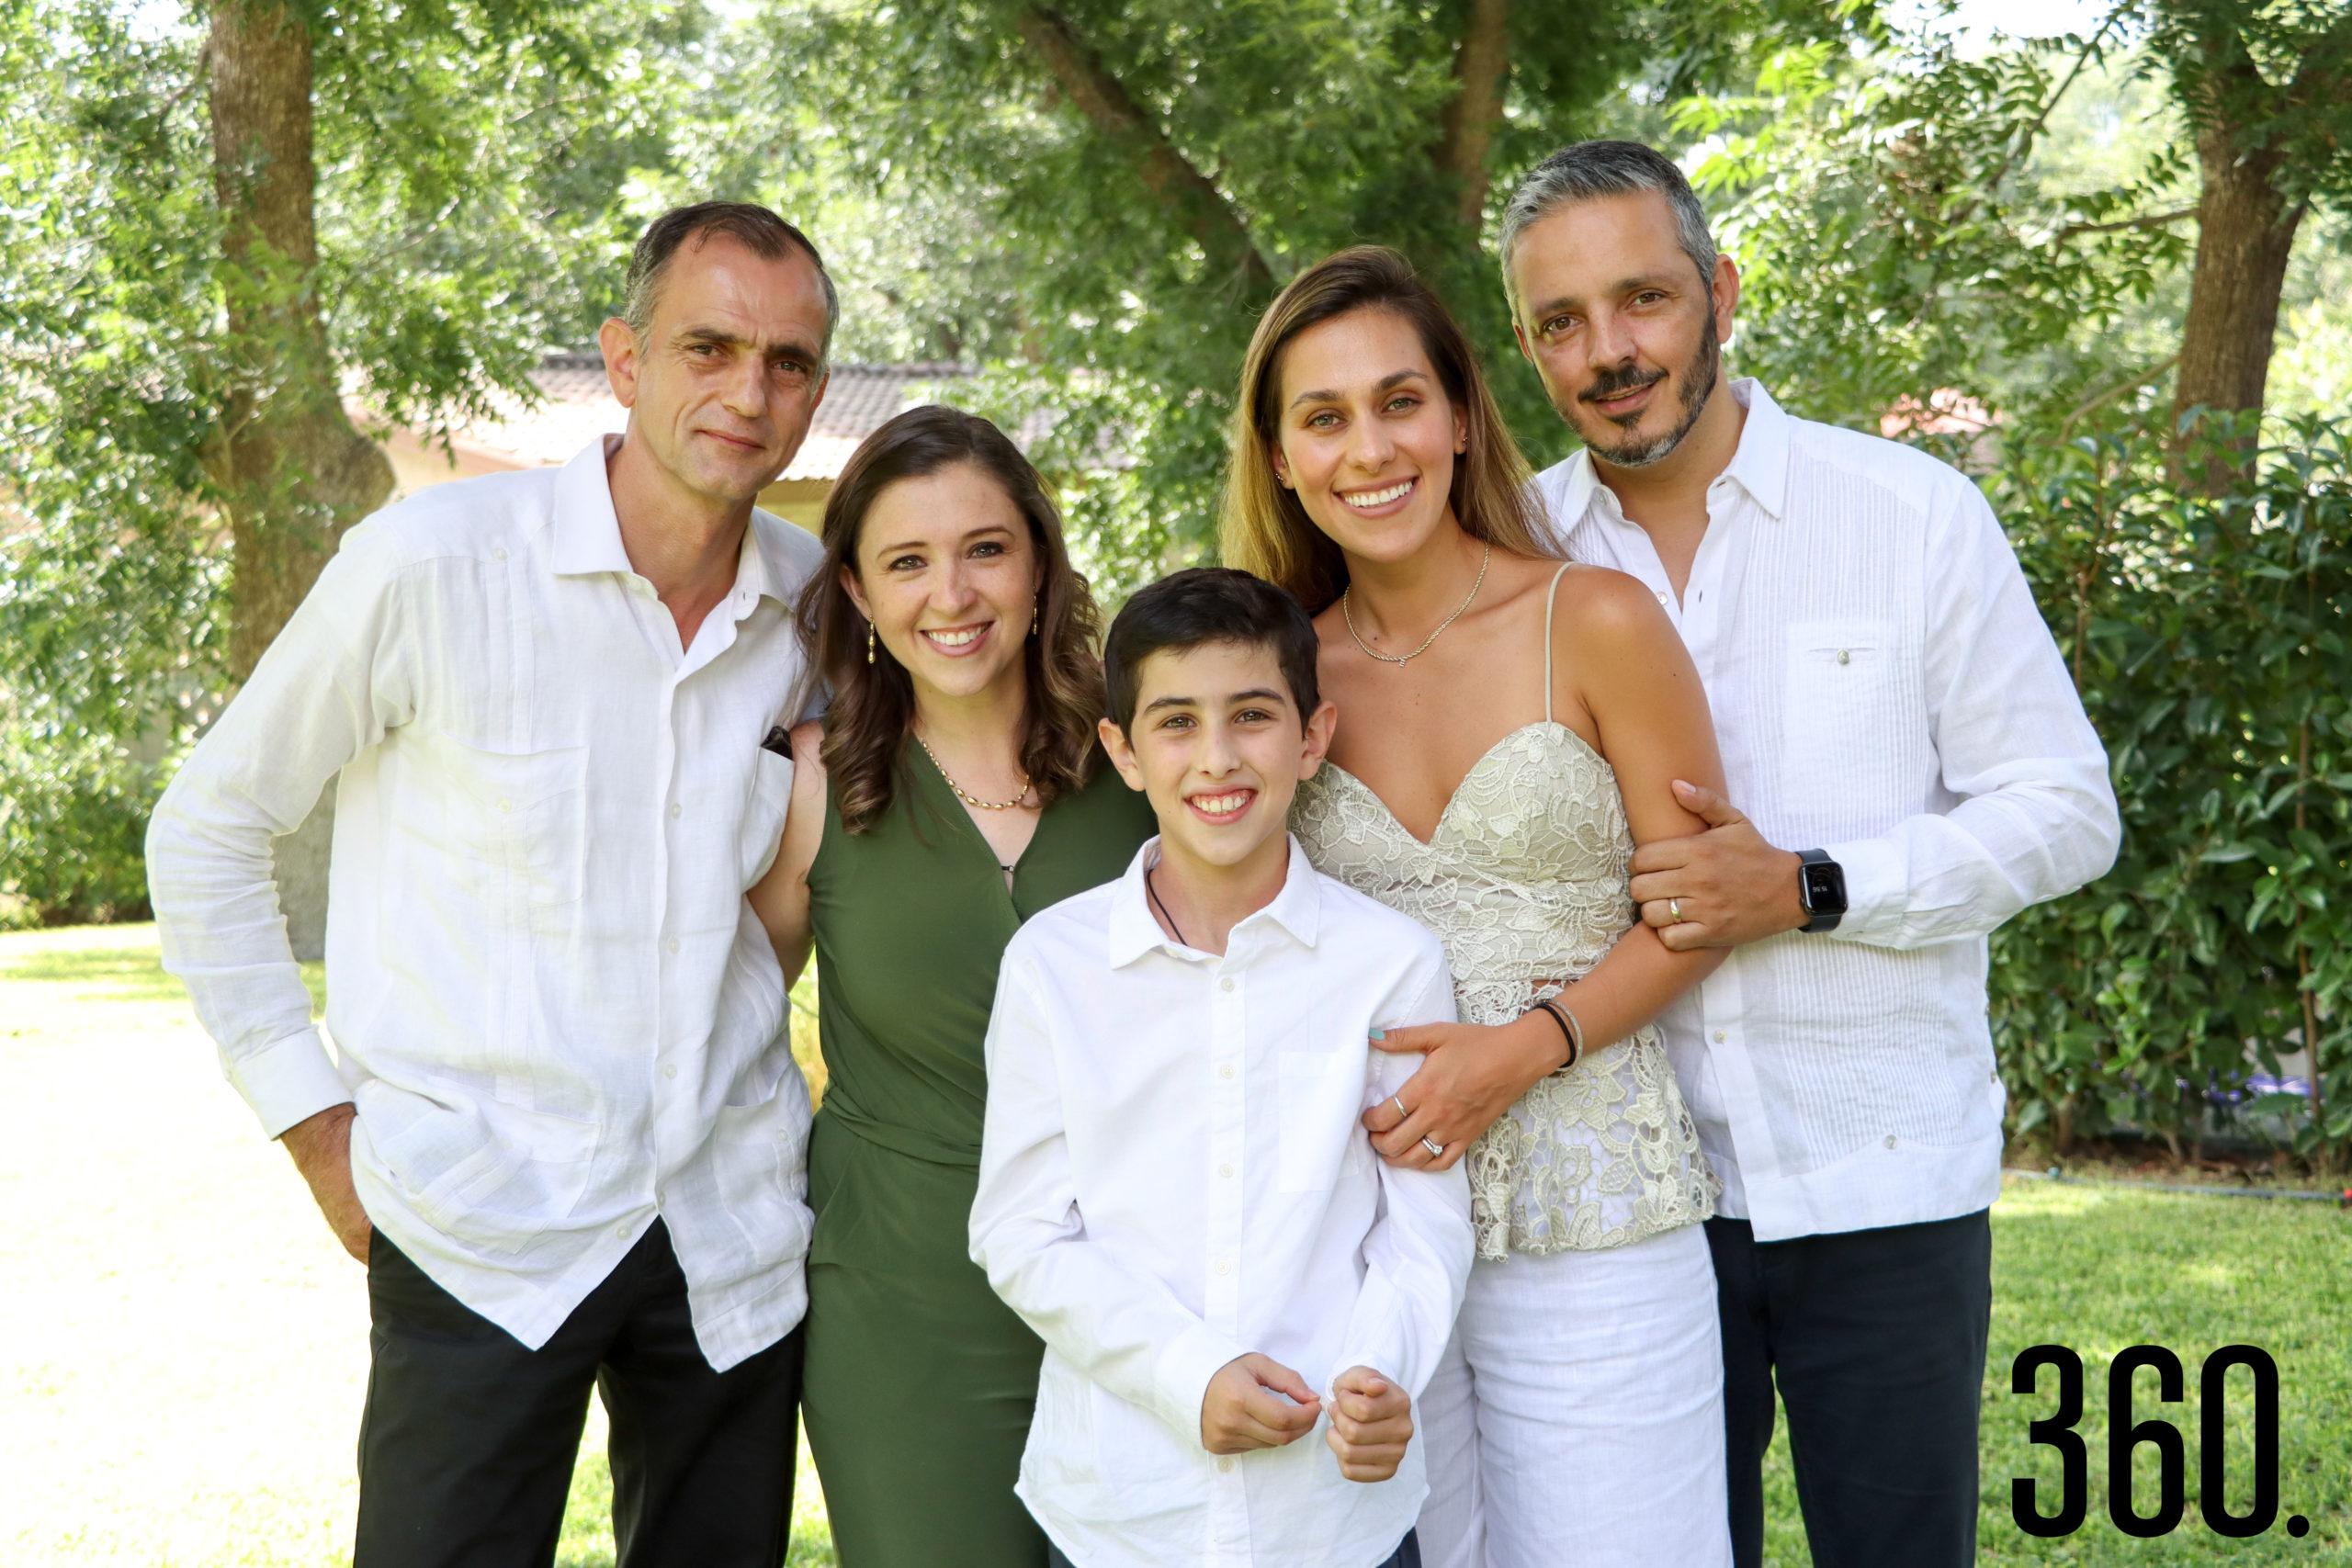 Pablo con sus padrinos, Alfonso Recio, Paulina Cordero, Estefanía Bayardo y Kerim Rahme.